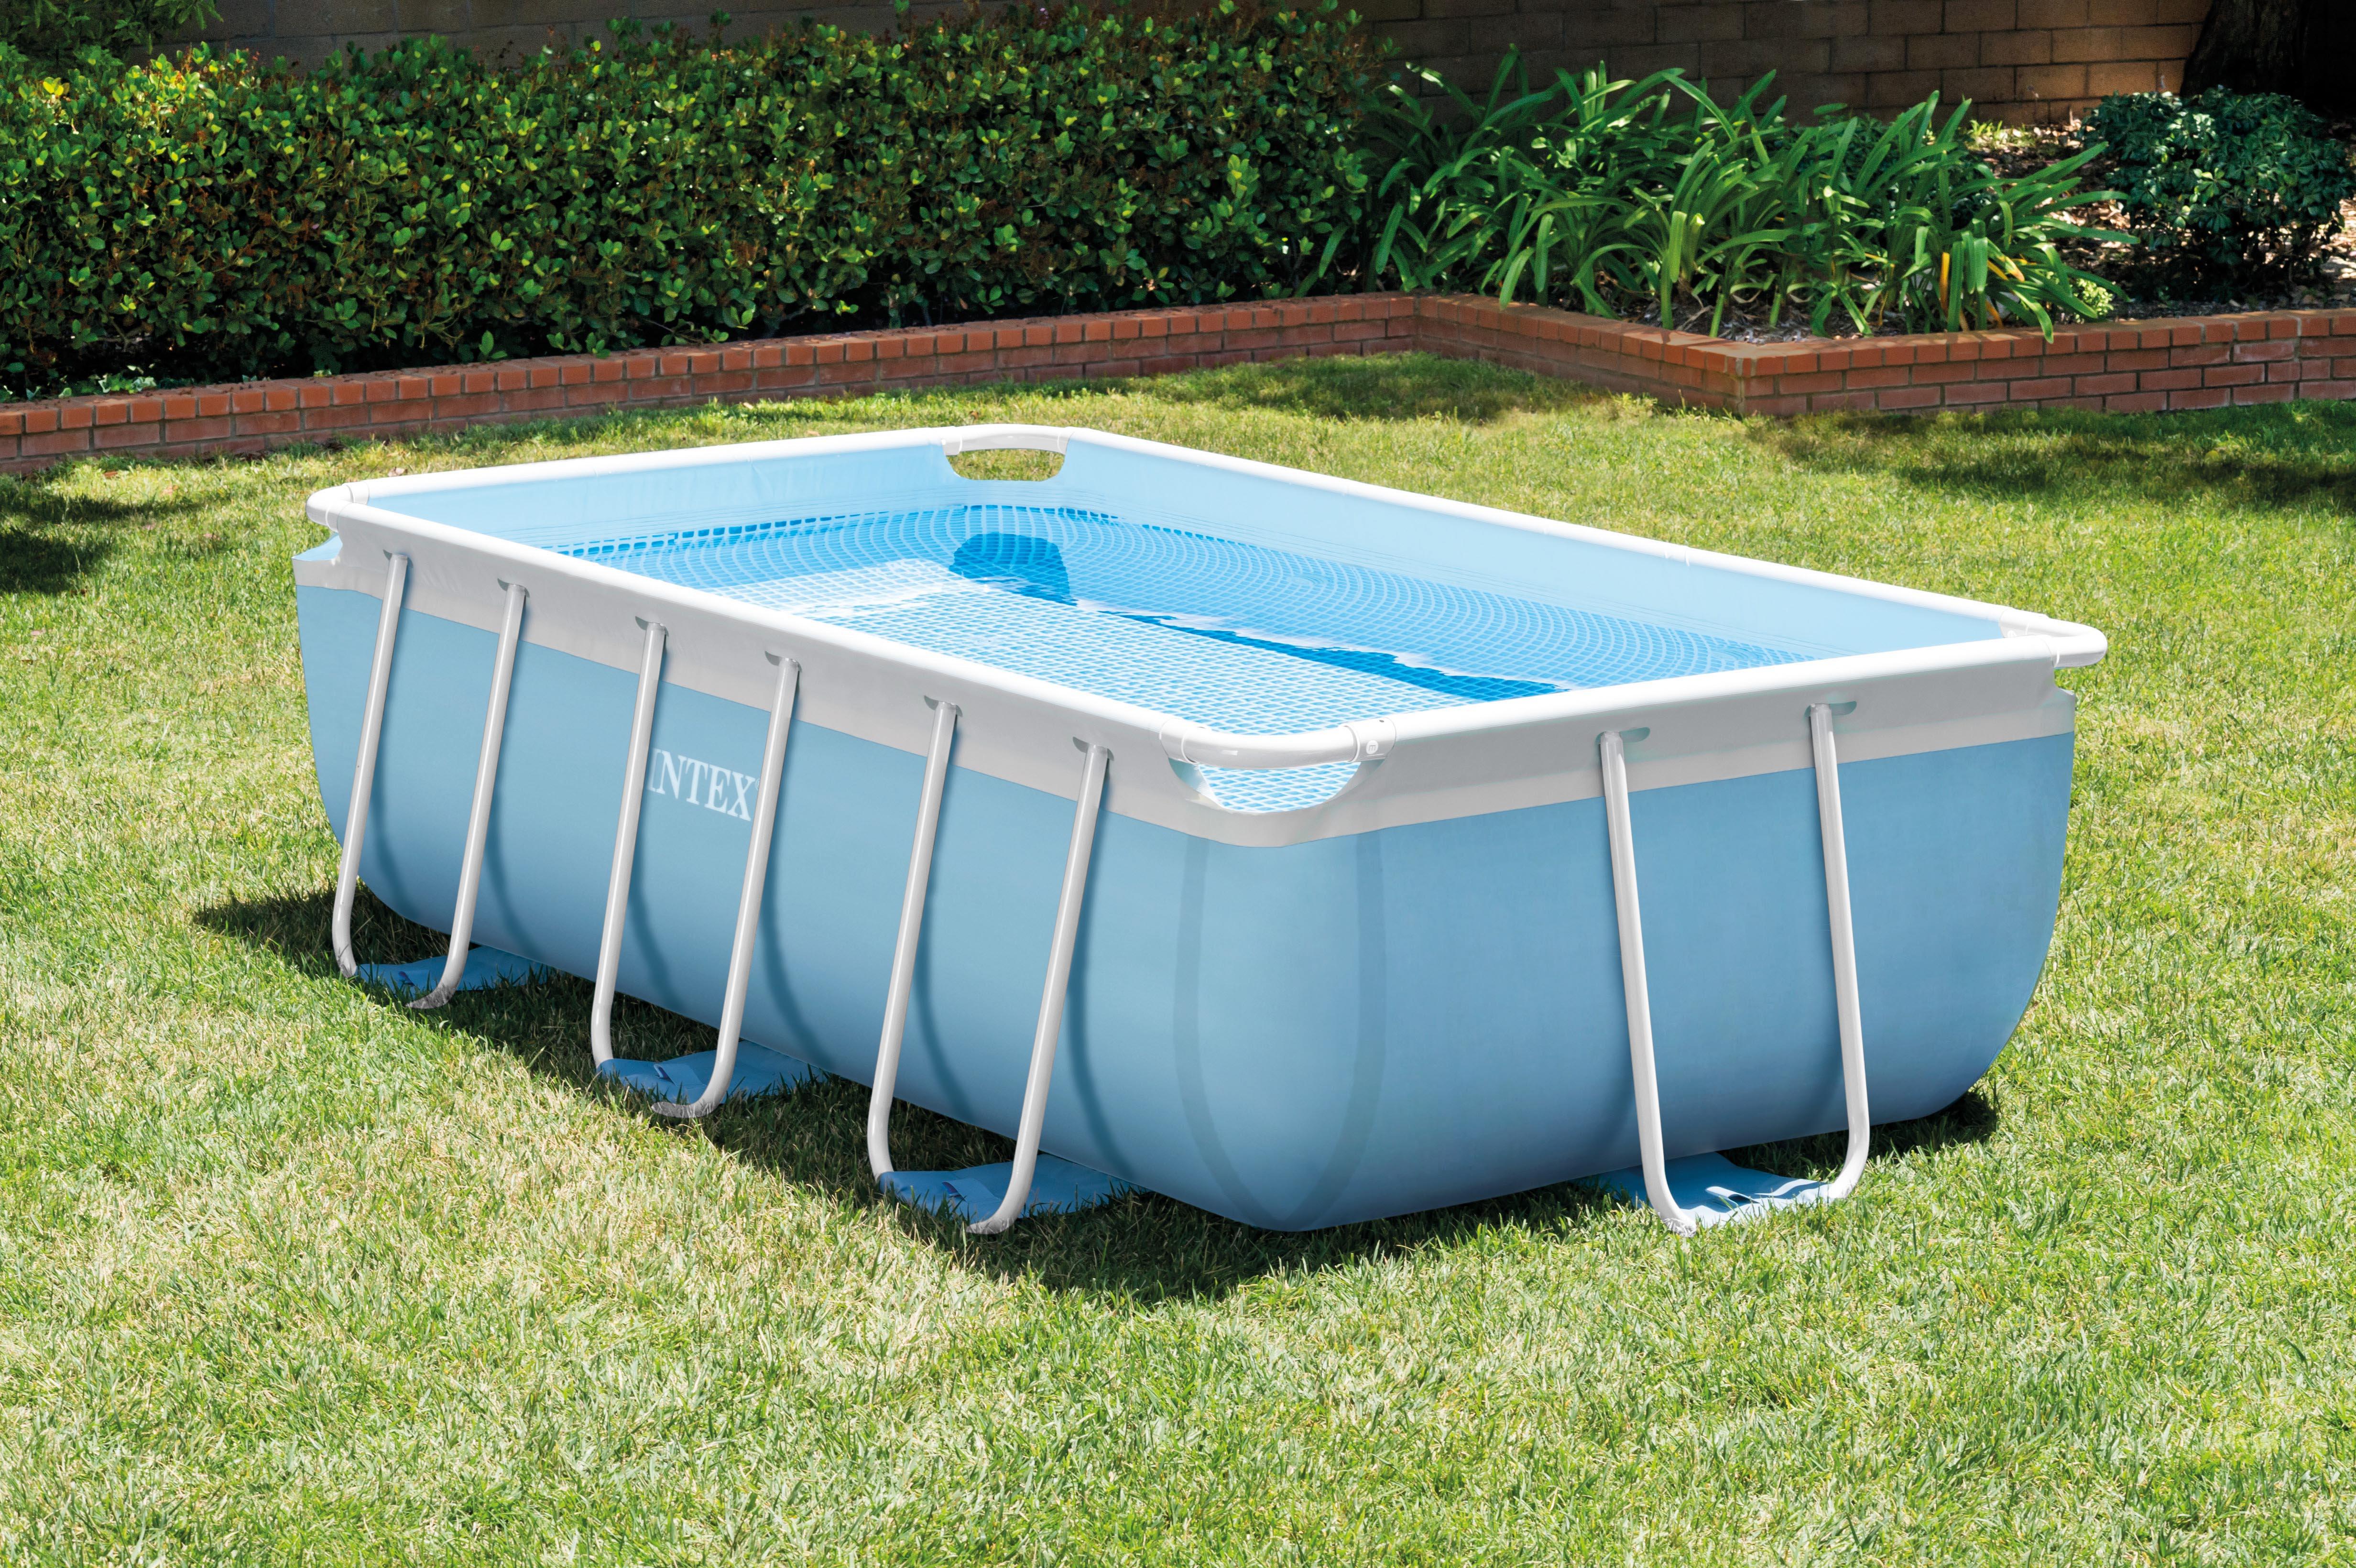 Notre sélection de piscines hors sol - Femme Actuelle